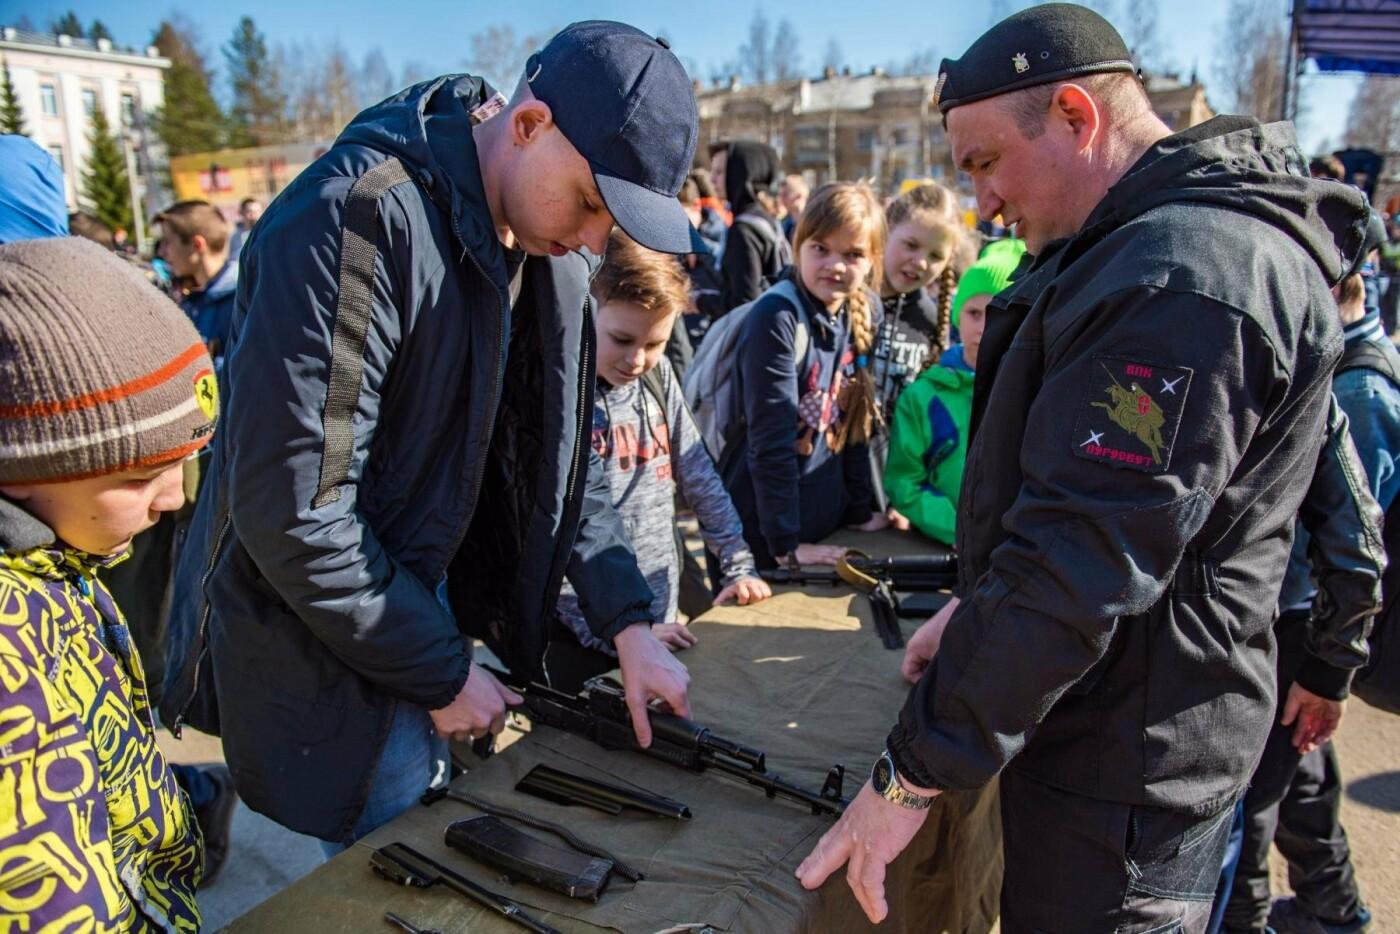 Выполнение разборки массо-габаритного макета АК-47 - Фото предоставлено пресс-службой АМОГО «Ухта»